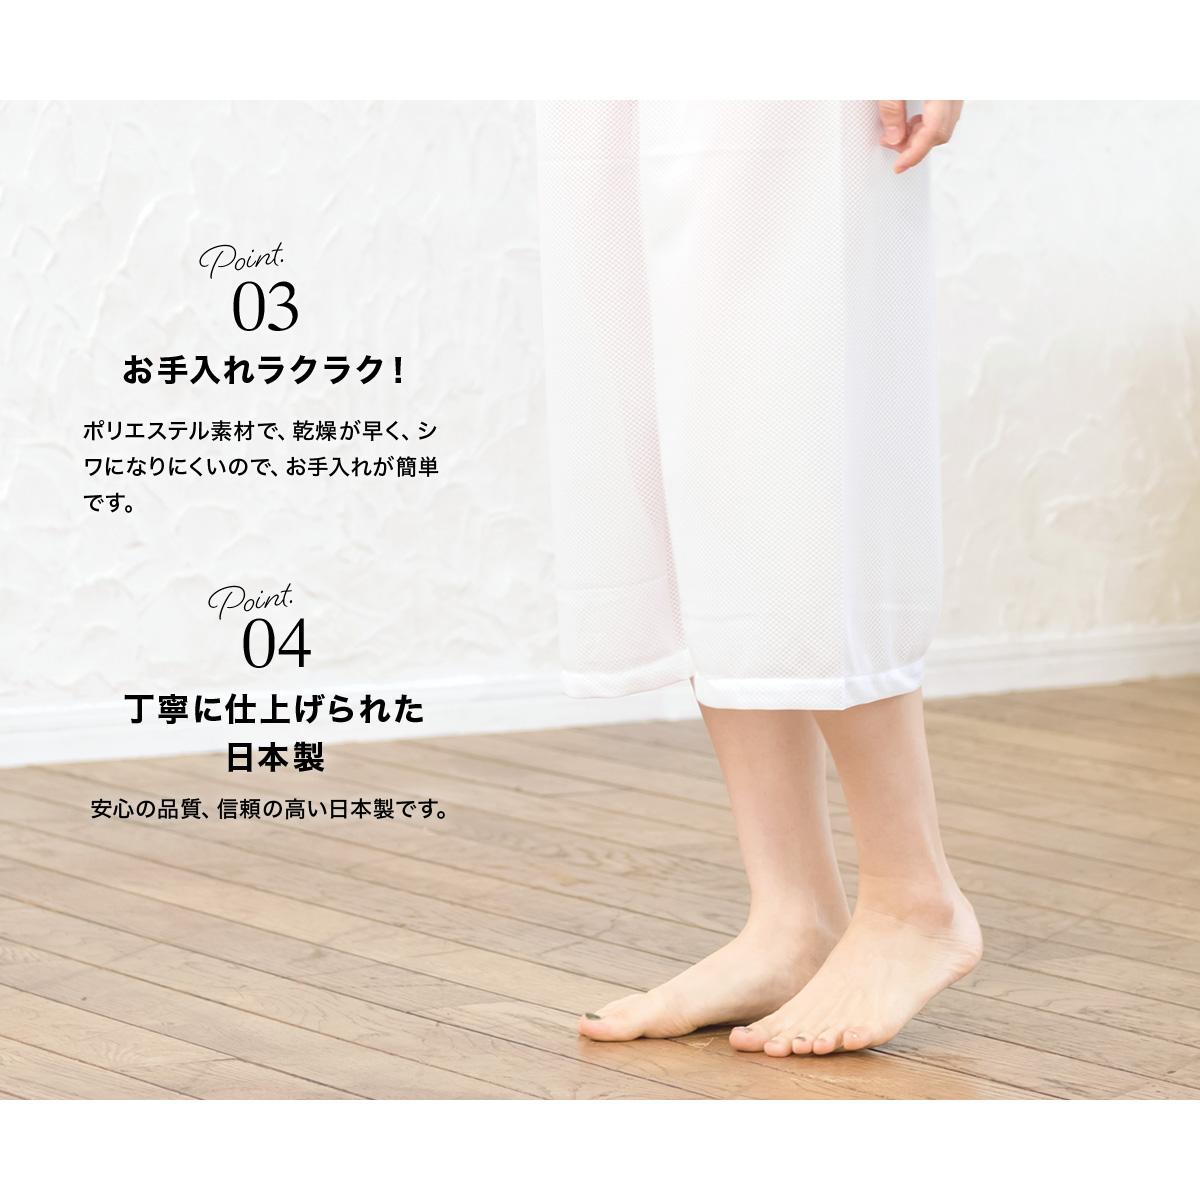 日本製の和装肌着